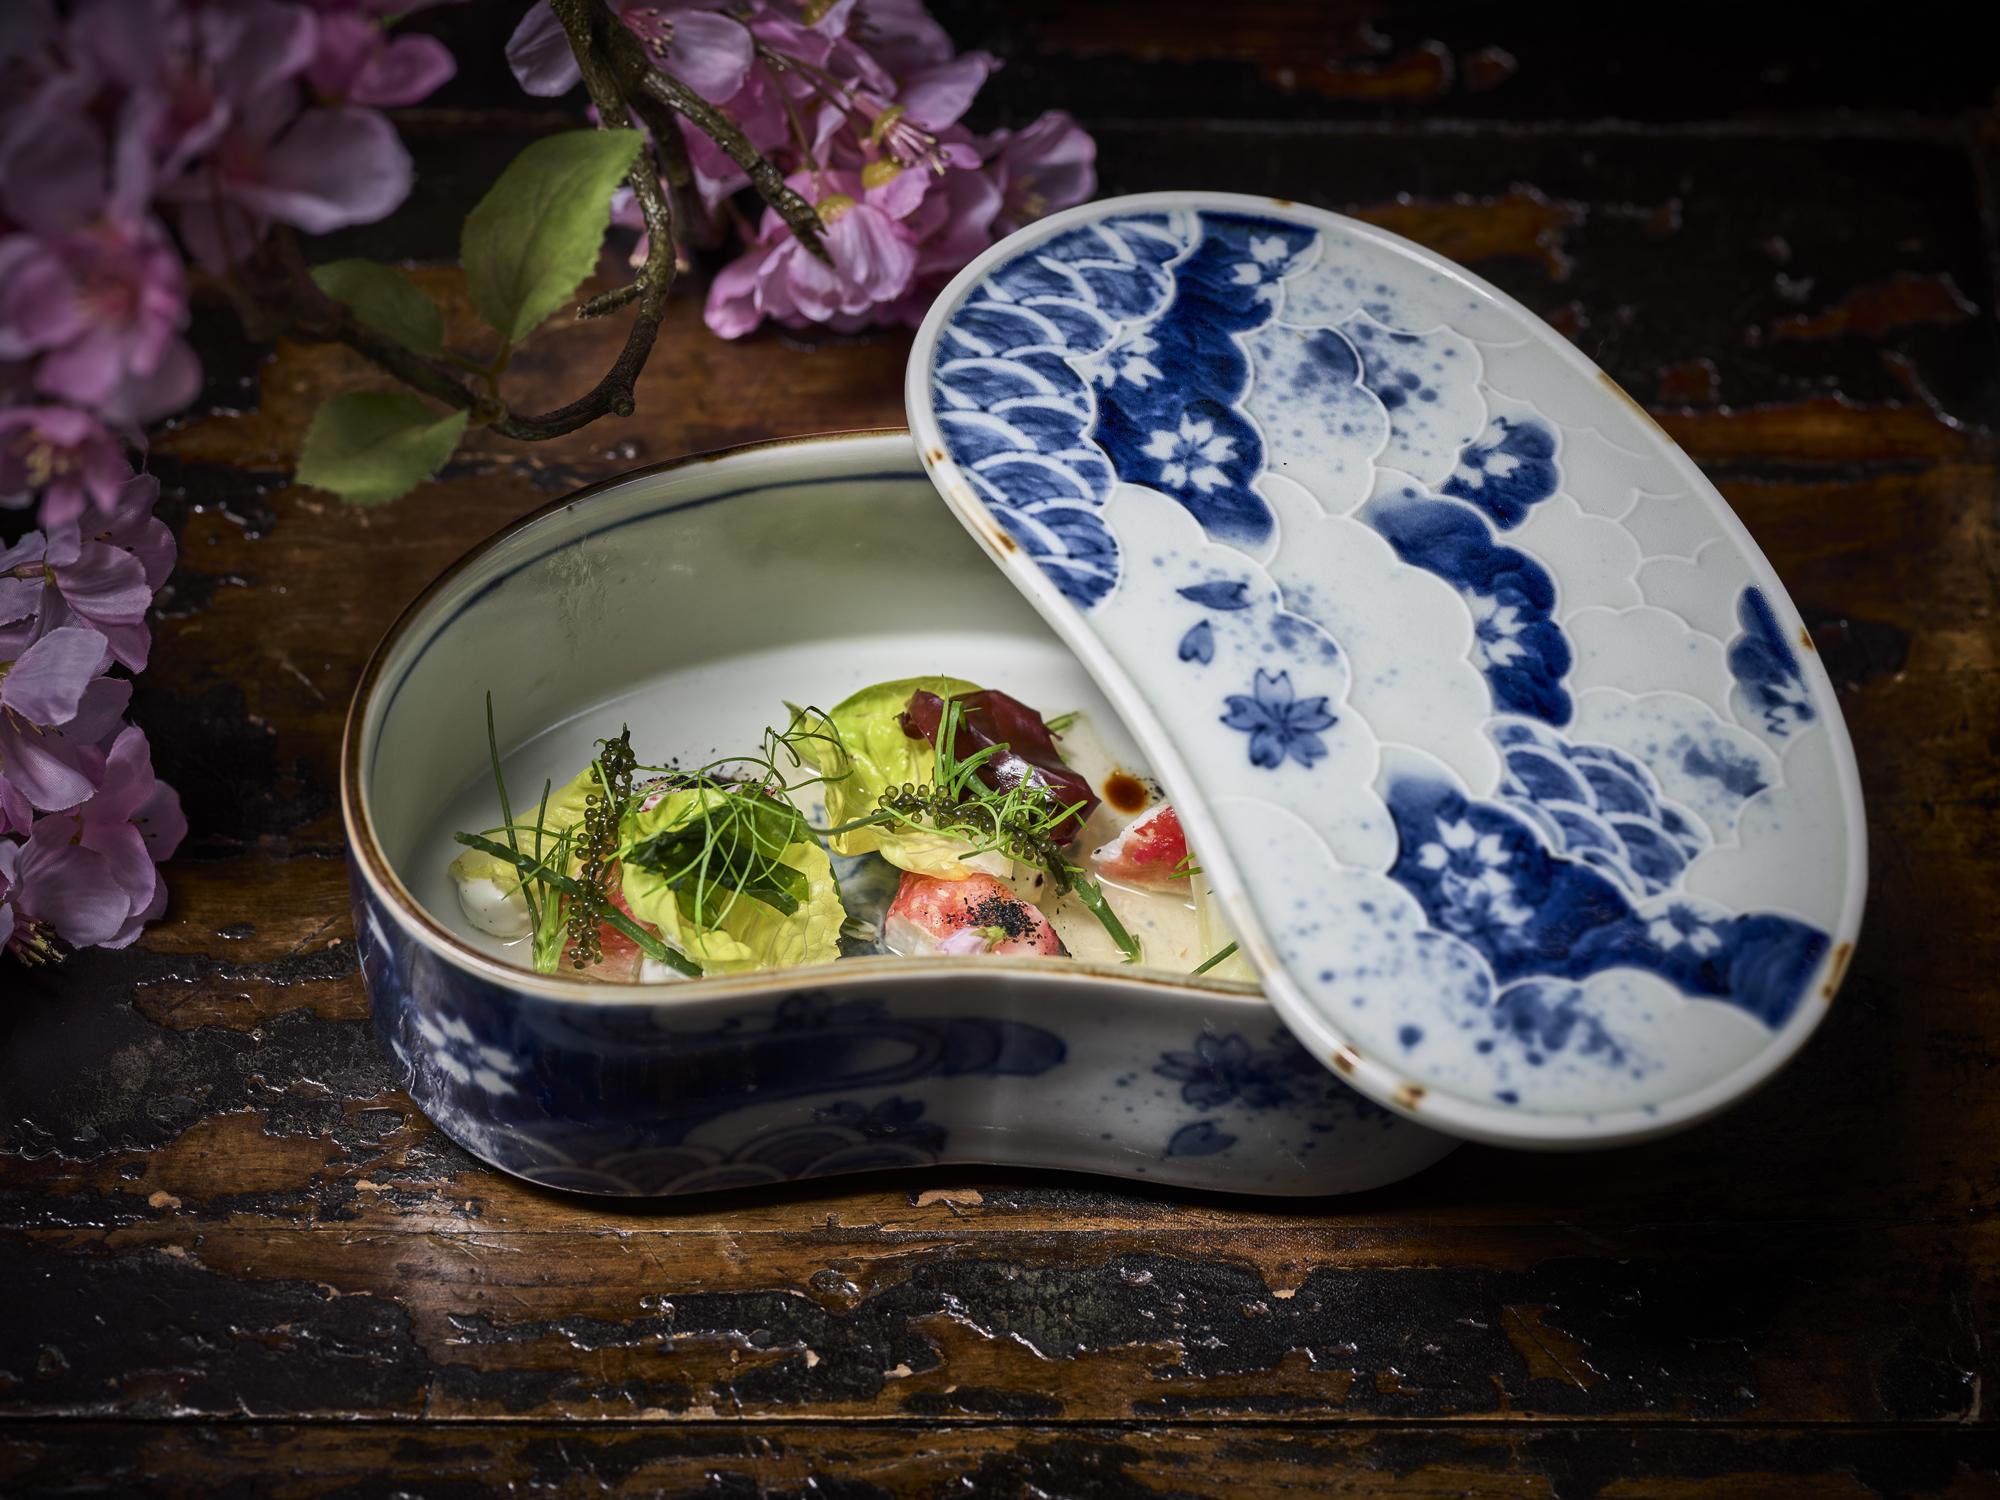 King crab with sake, elderflower and spring salad